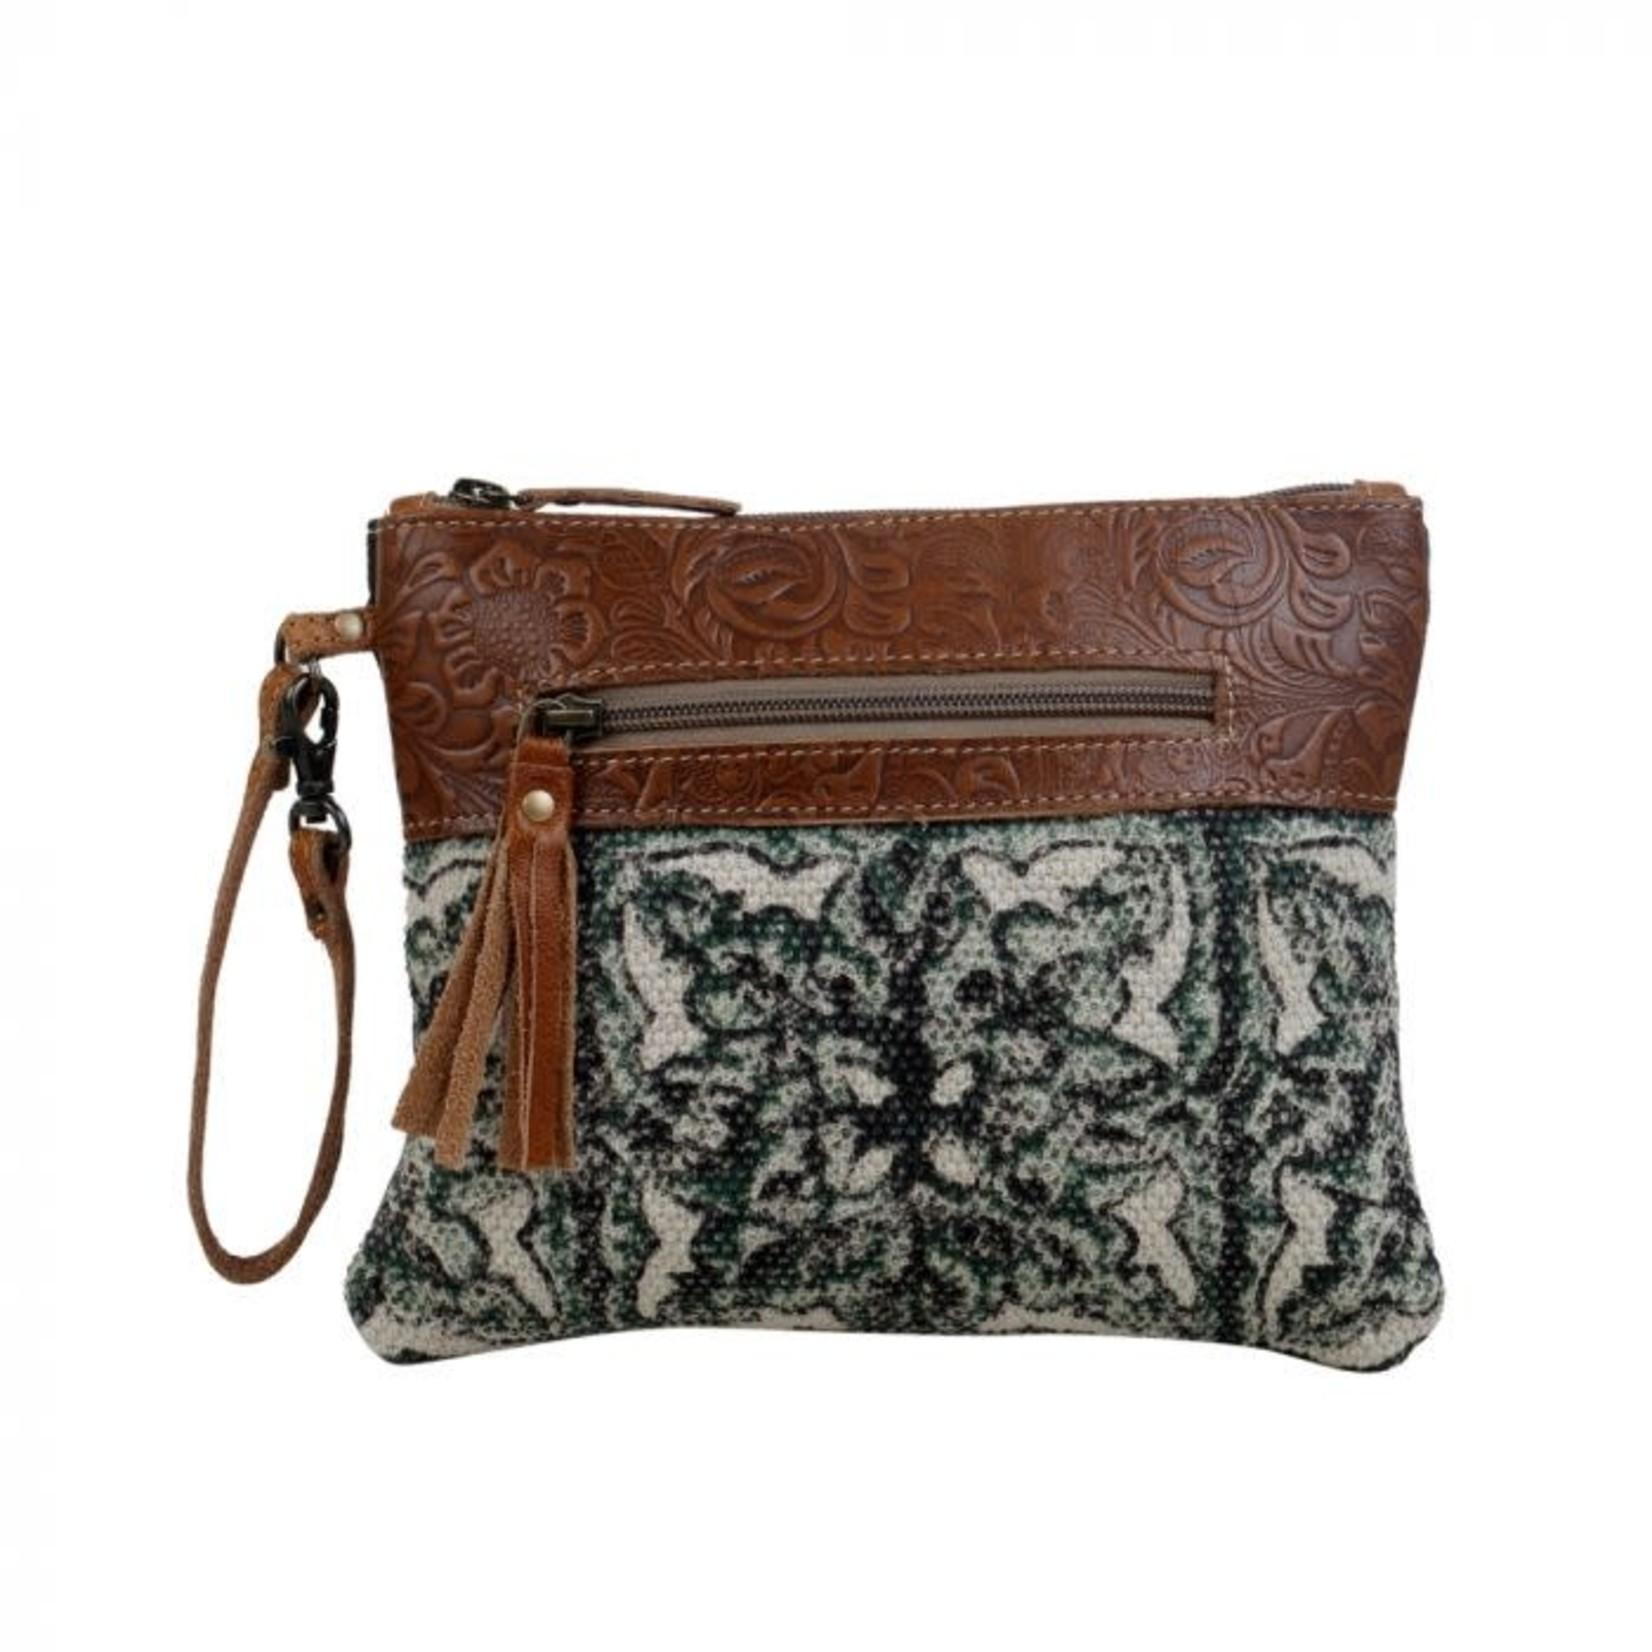 Myra Bag Bag: Hope Pouch